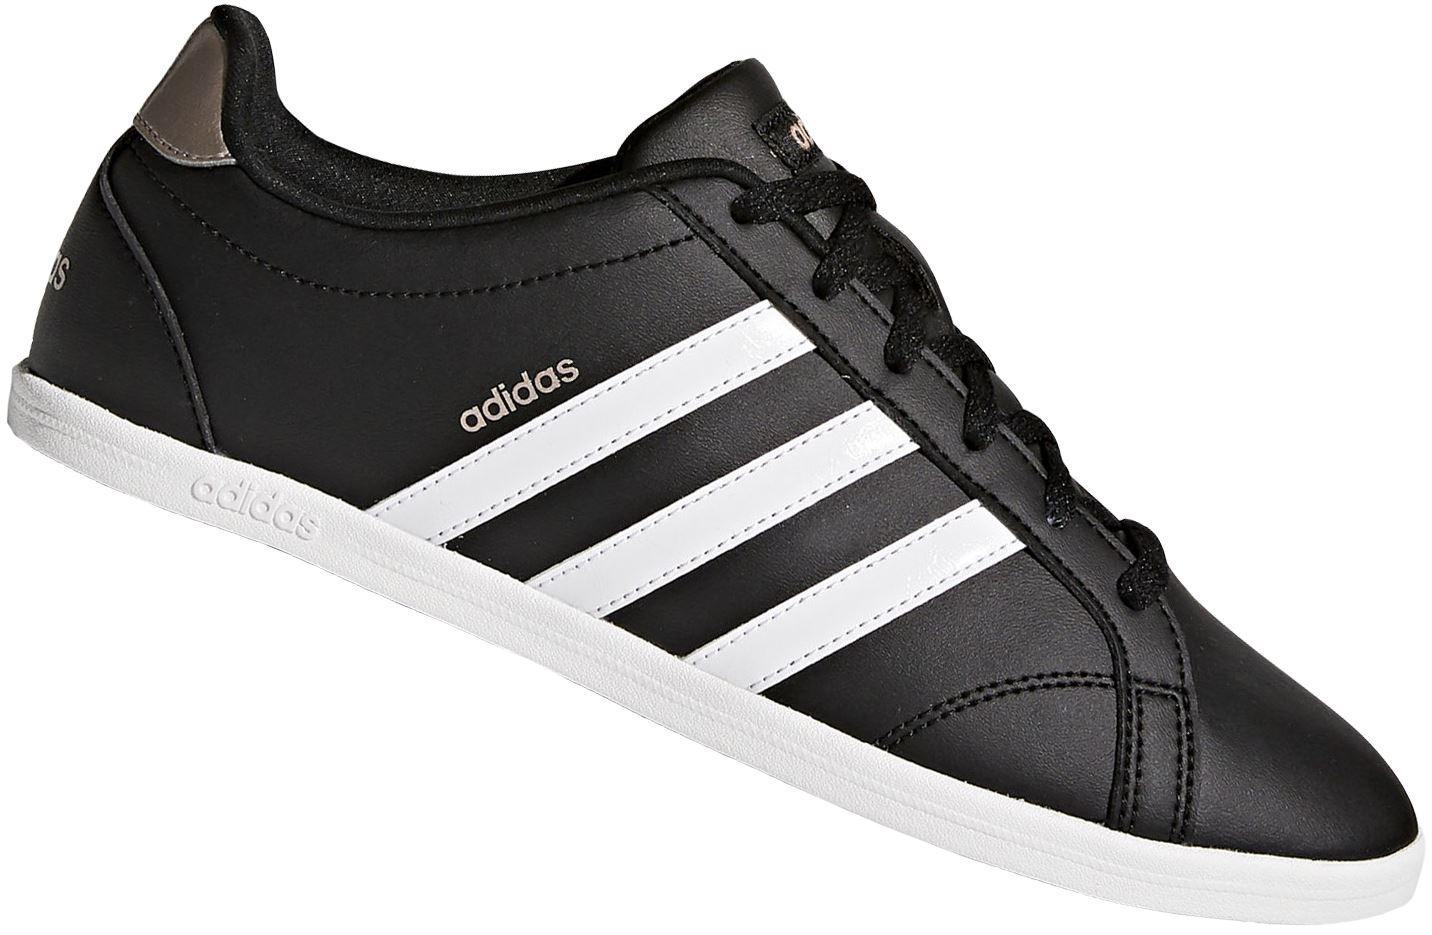 online store ecf15 86b71 Zapatilla Adidas Coneo QT para Dama - Negro   Juntoz.com